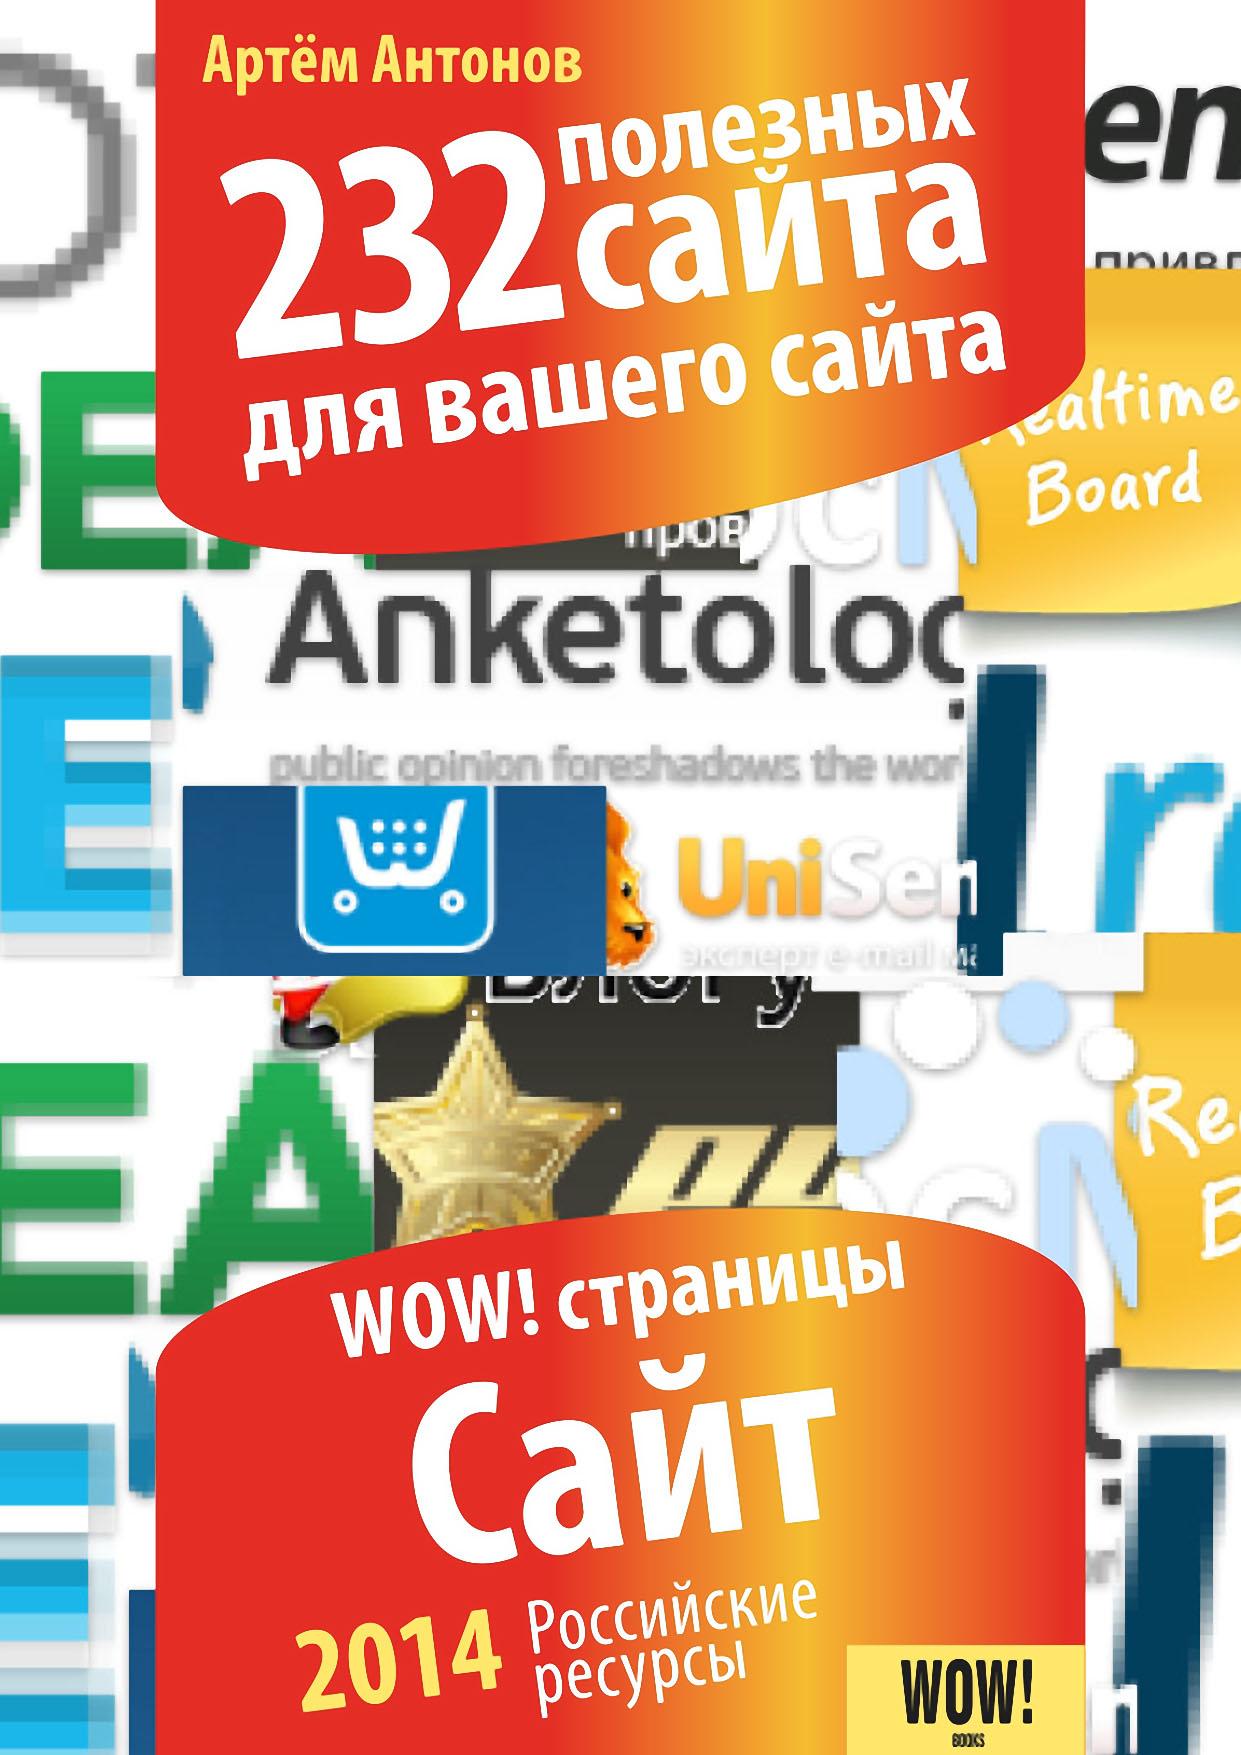 Артём Антонов 232 полезных сайта для вашего сайта